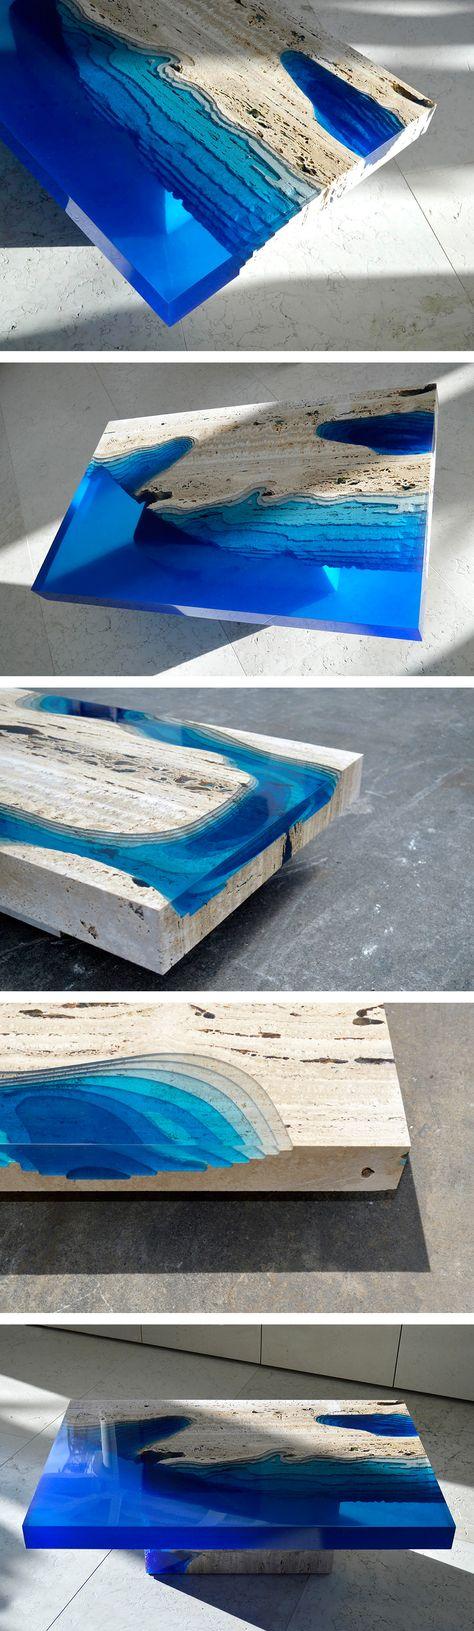 Unglaublich was für einen Effekt man erzeugen kann. Ausgeschnittenes Holz mit Resin aufgefüllt